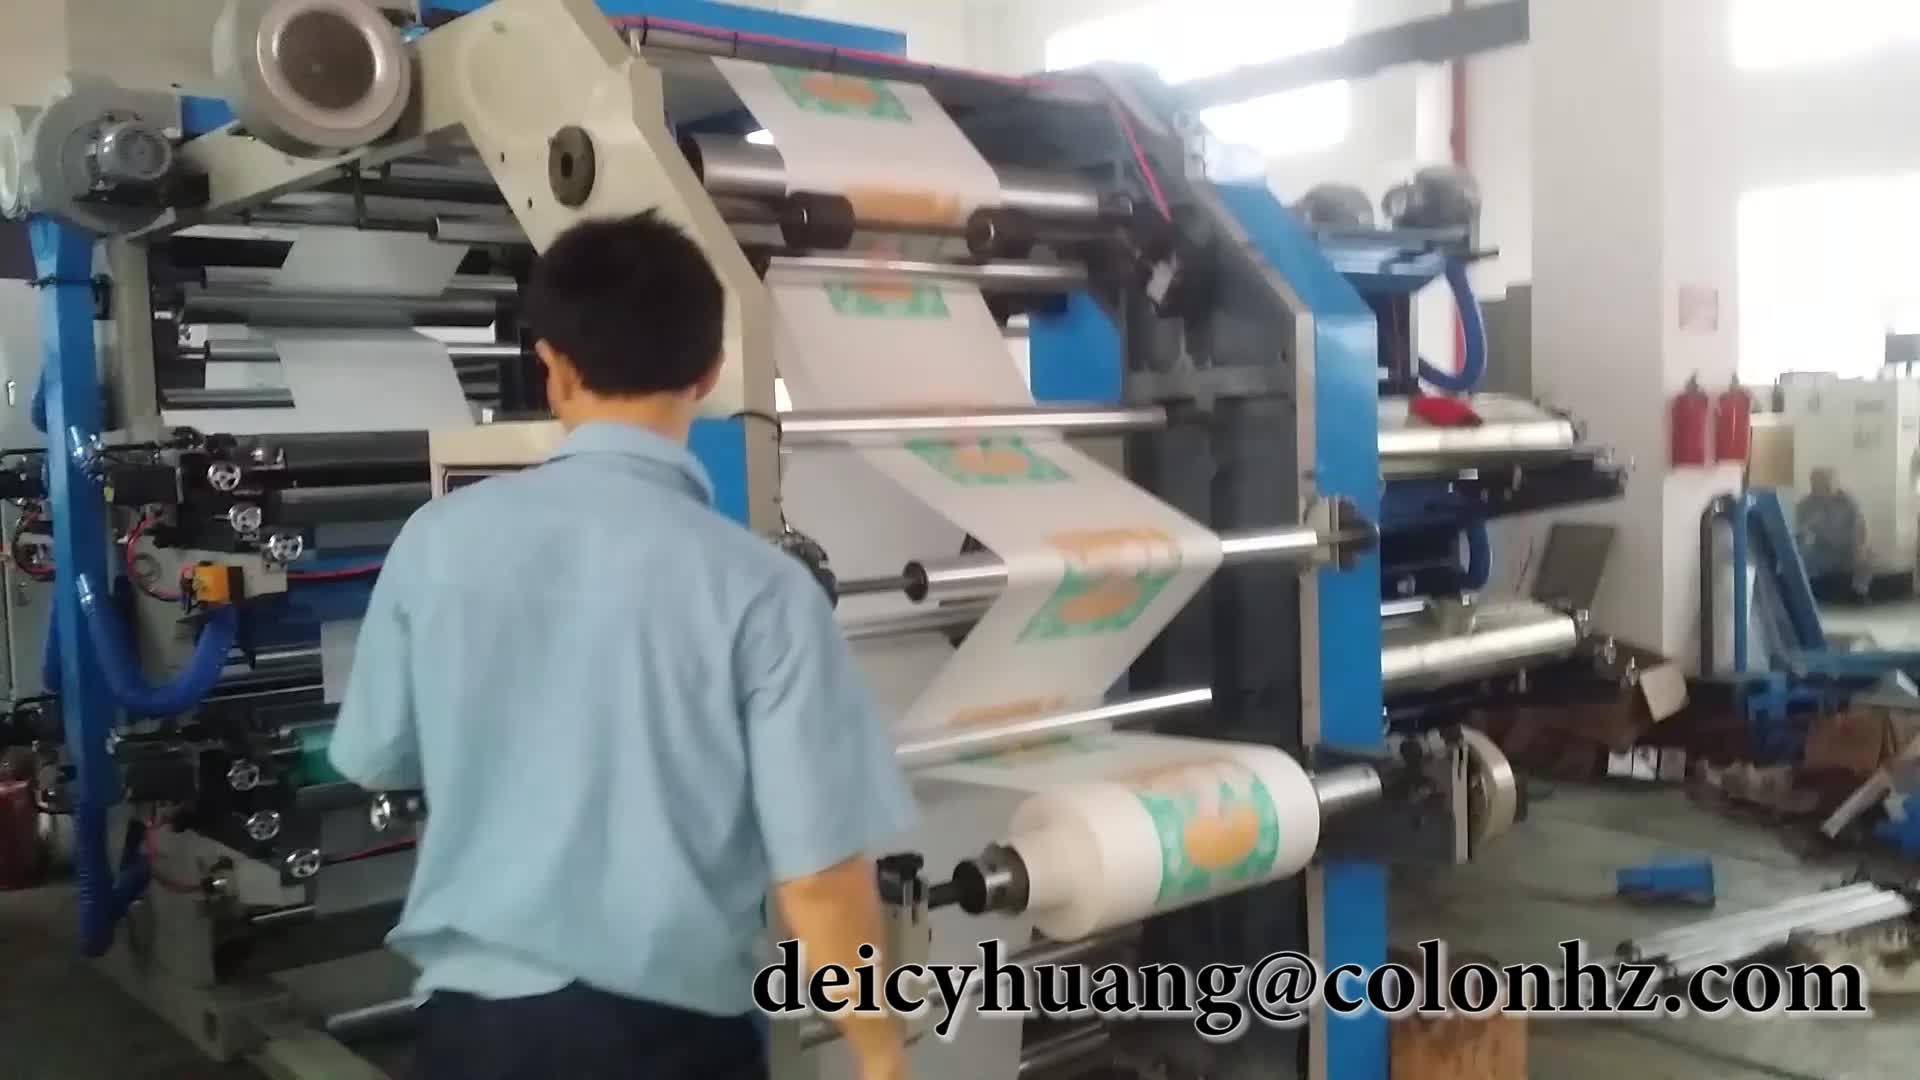 2,4, 6 cores melhor venda de mini rolo a rolo de papel pequeno saco de filme de máquina de impressão flexográfica de plástico de polietileno